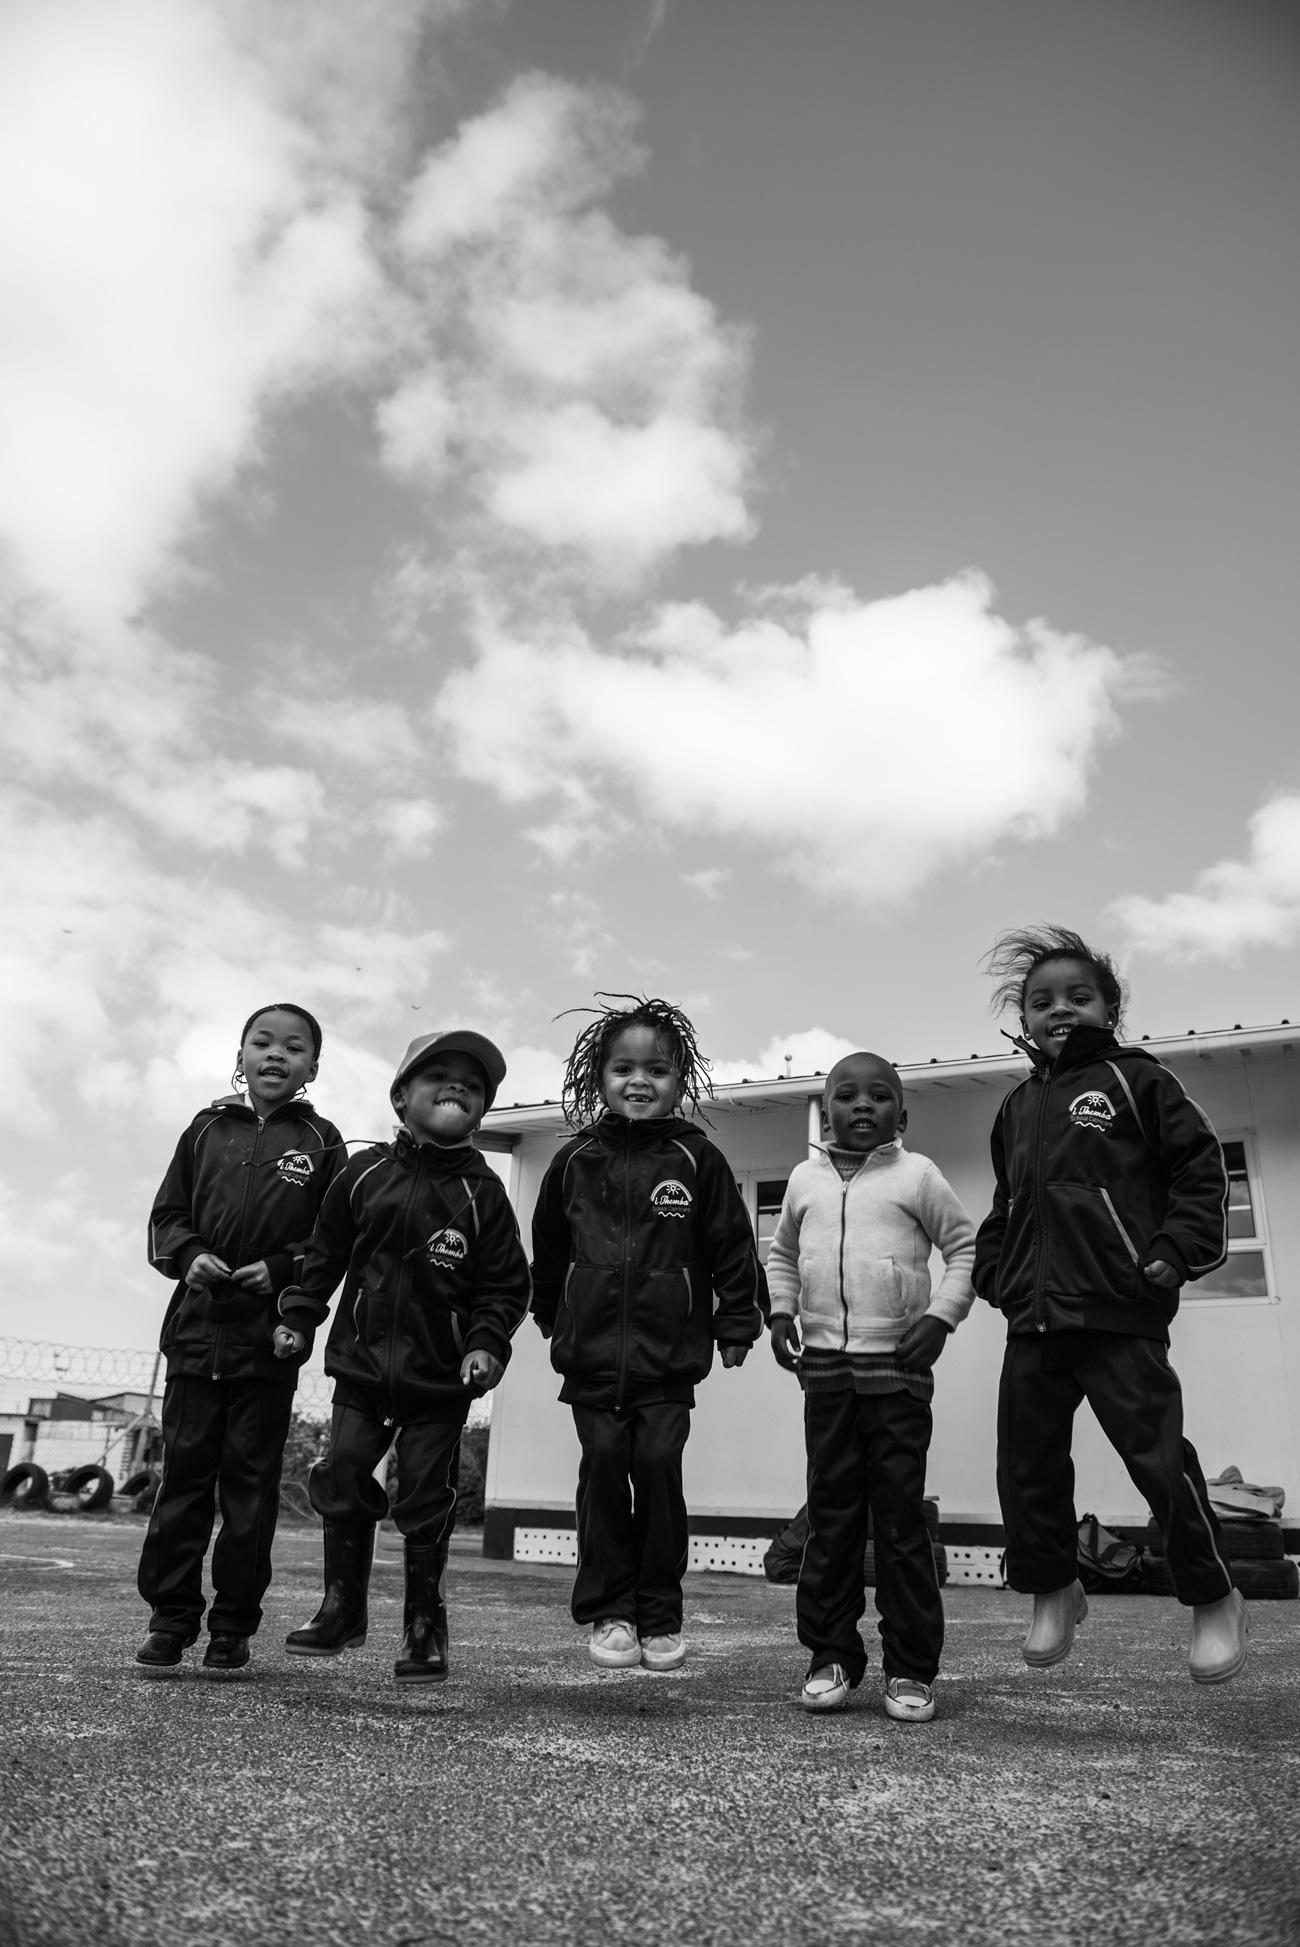 kinder-der-pre-school-im-capricorn-township-kapstadt-help-alliance-lufthansa-spenden-charity-projekt-nina-schwichtenberg-fashiioncarpet